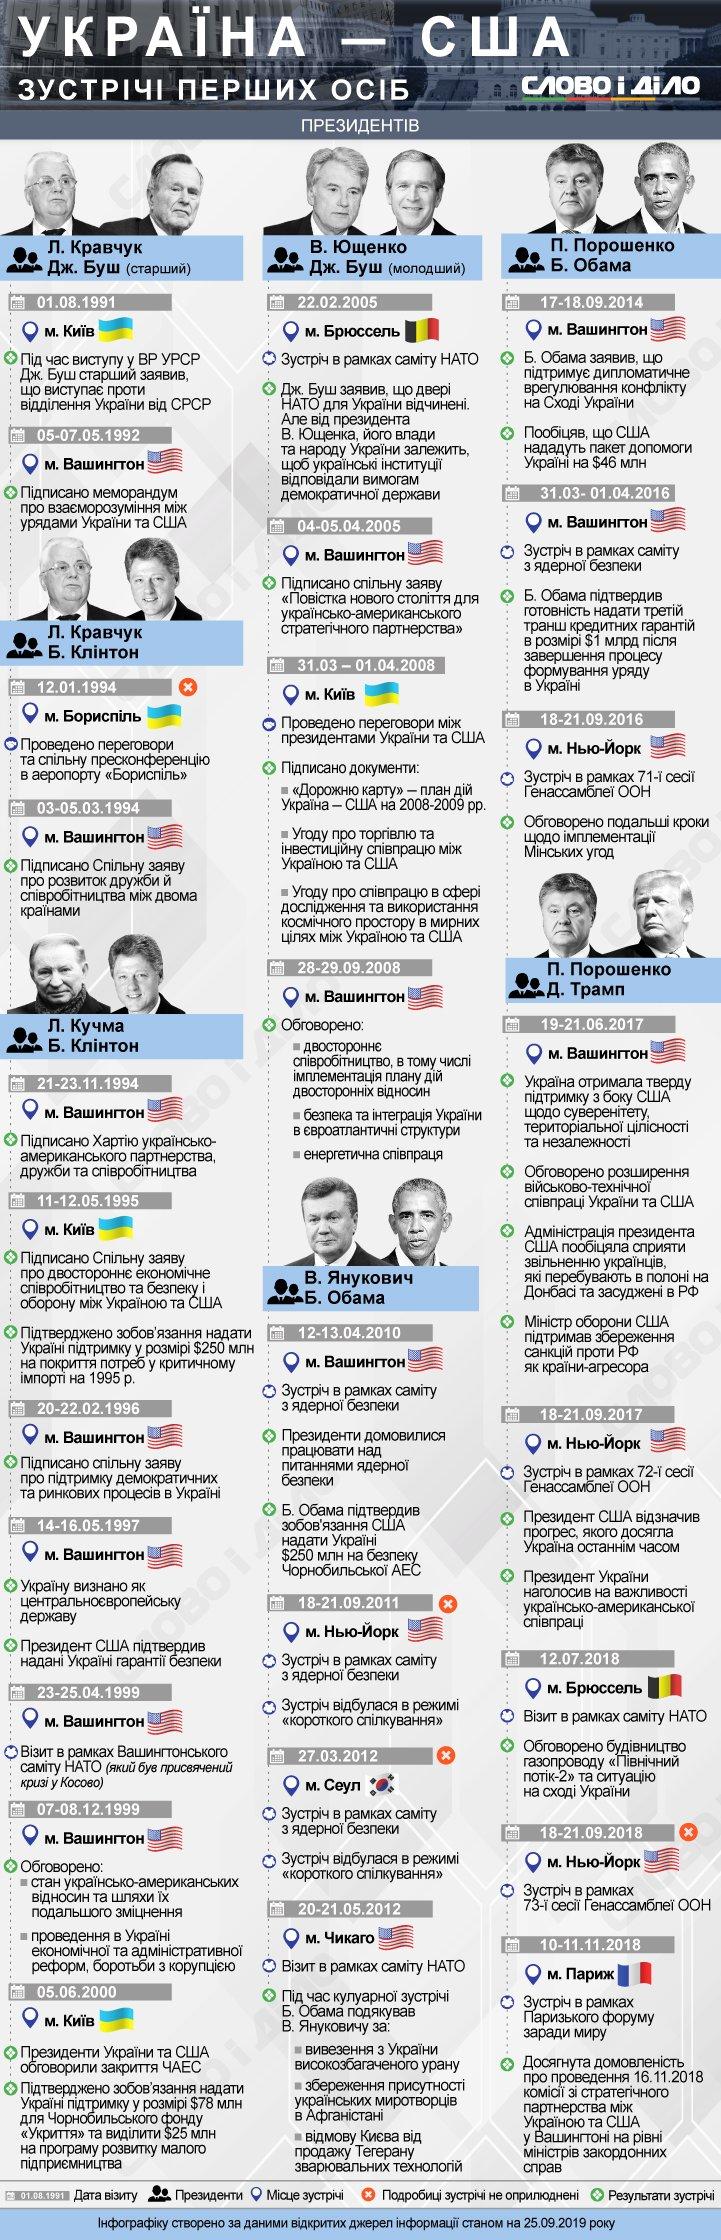 Украинские президенты встречались со своими американскими коллегами начиная с 1992 года. Как выстраивались взаимоотношения между Украиной и США через переговоры первых лиц?